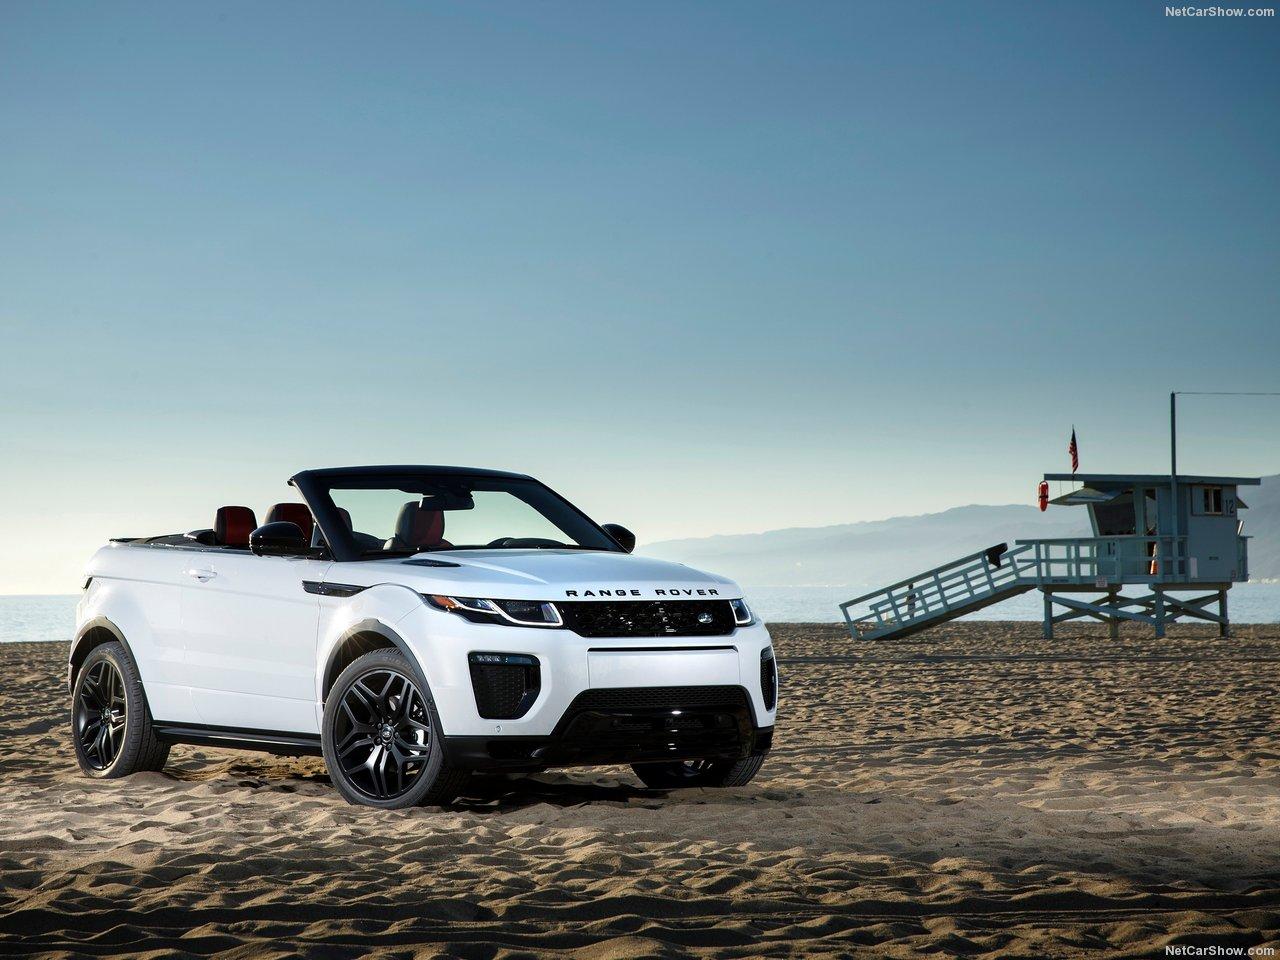 Land_Rover-Range_Rover_Evoque_Convertible_2017_1280x960_wallpaper_02